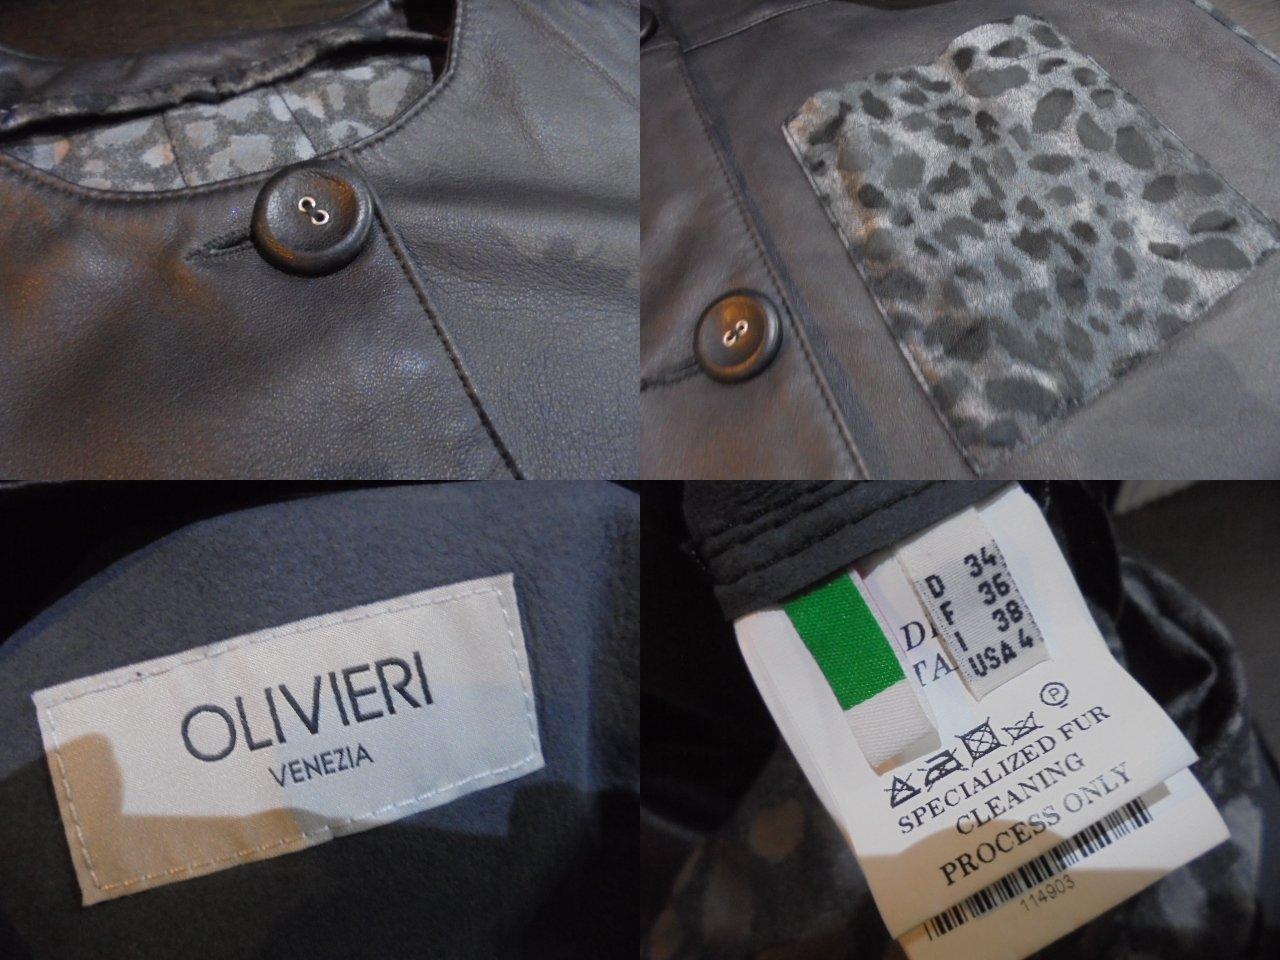 olivieri オリヴィエリ5/S ノーカラー.レオパード切替レザーコート サイズ38ブランド 古着 ブランド古着【中古】